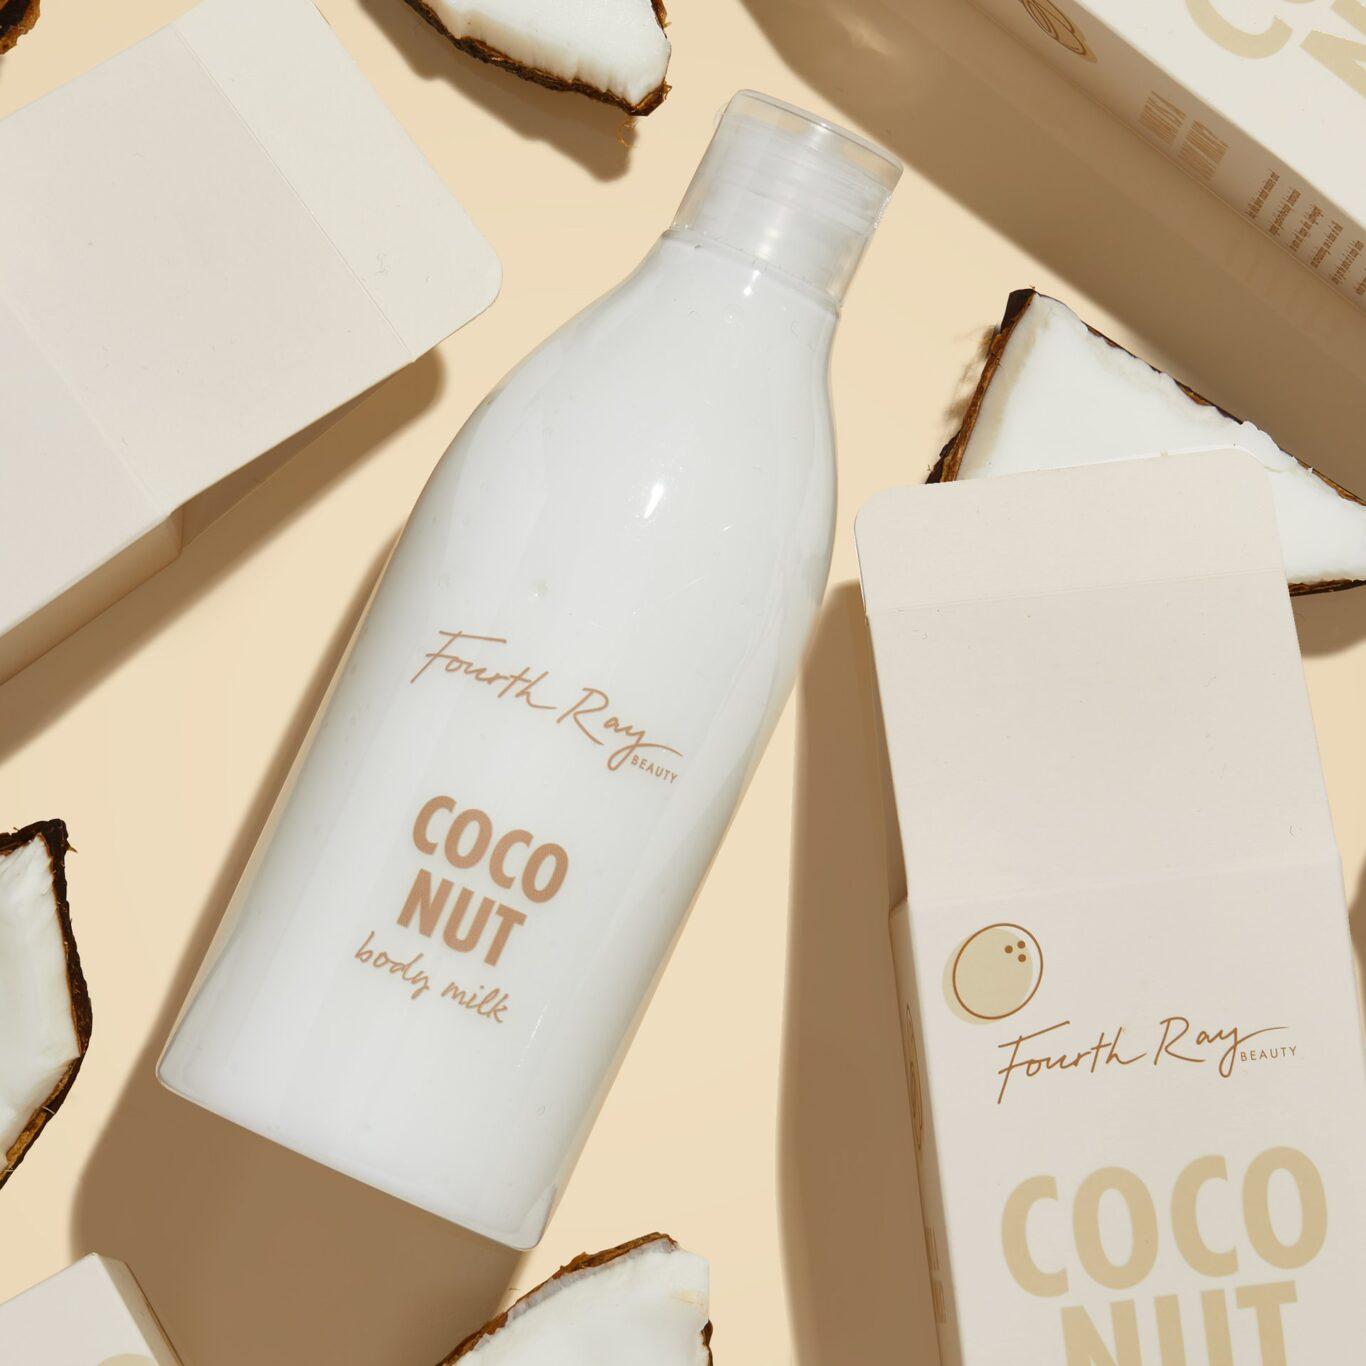 Fourth Ray Beauty Body Milks Coconut